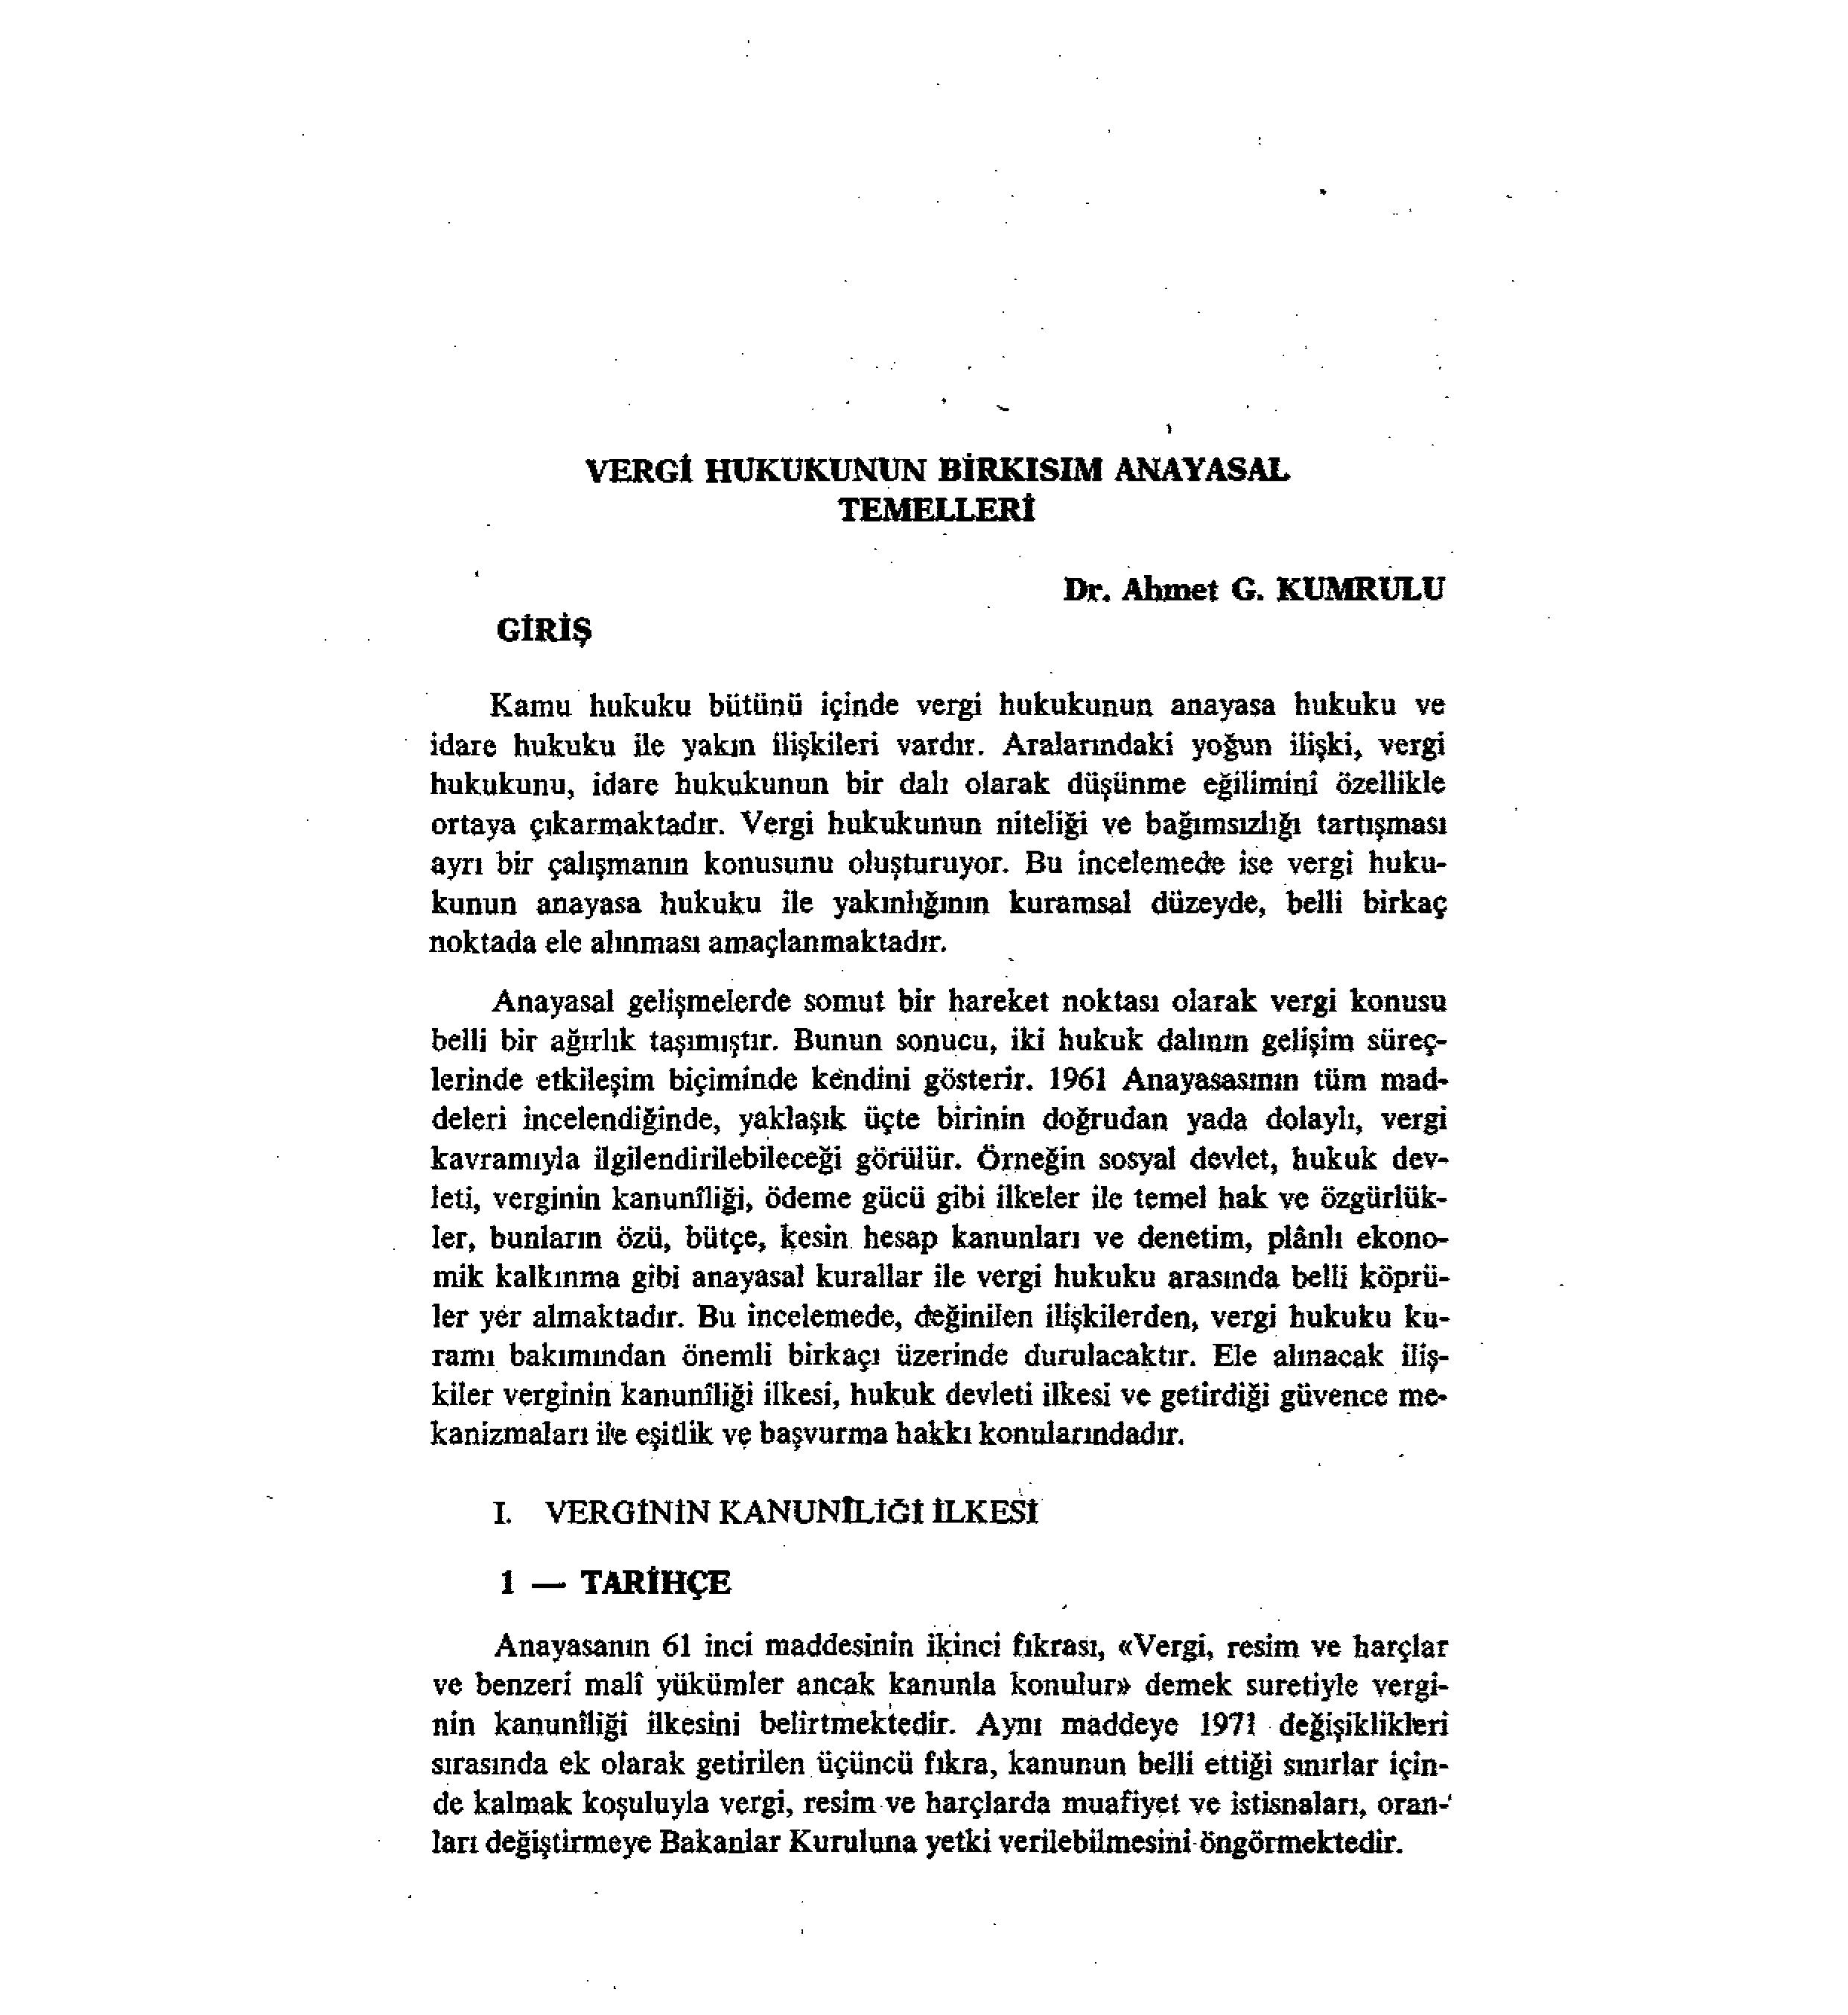 Jurix Vergi Hukukunun Birkısım Anayasal Temelleri